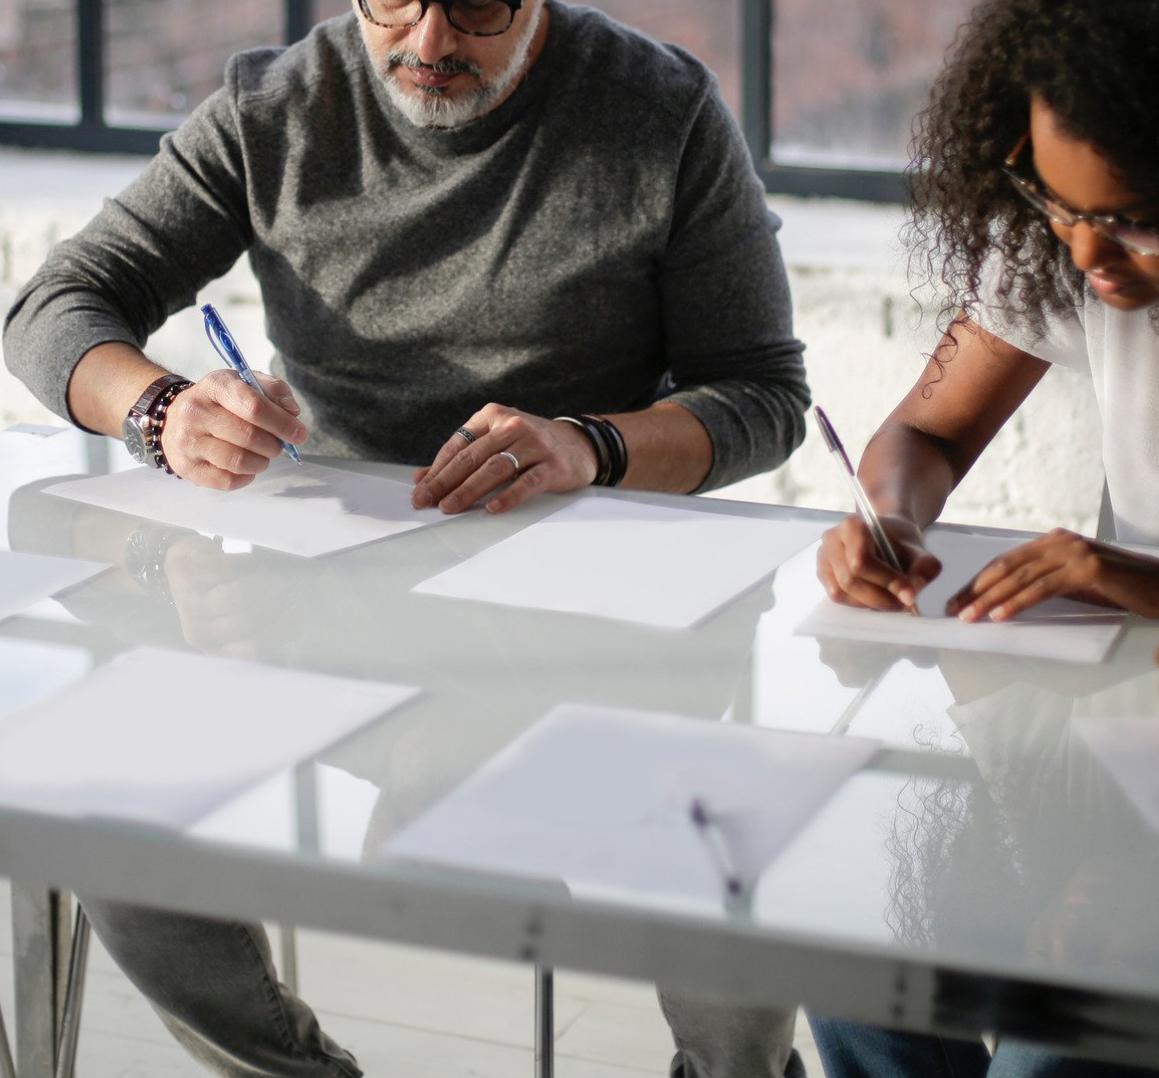 un homme et une femme en train d'écrire à une table blanche